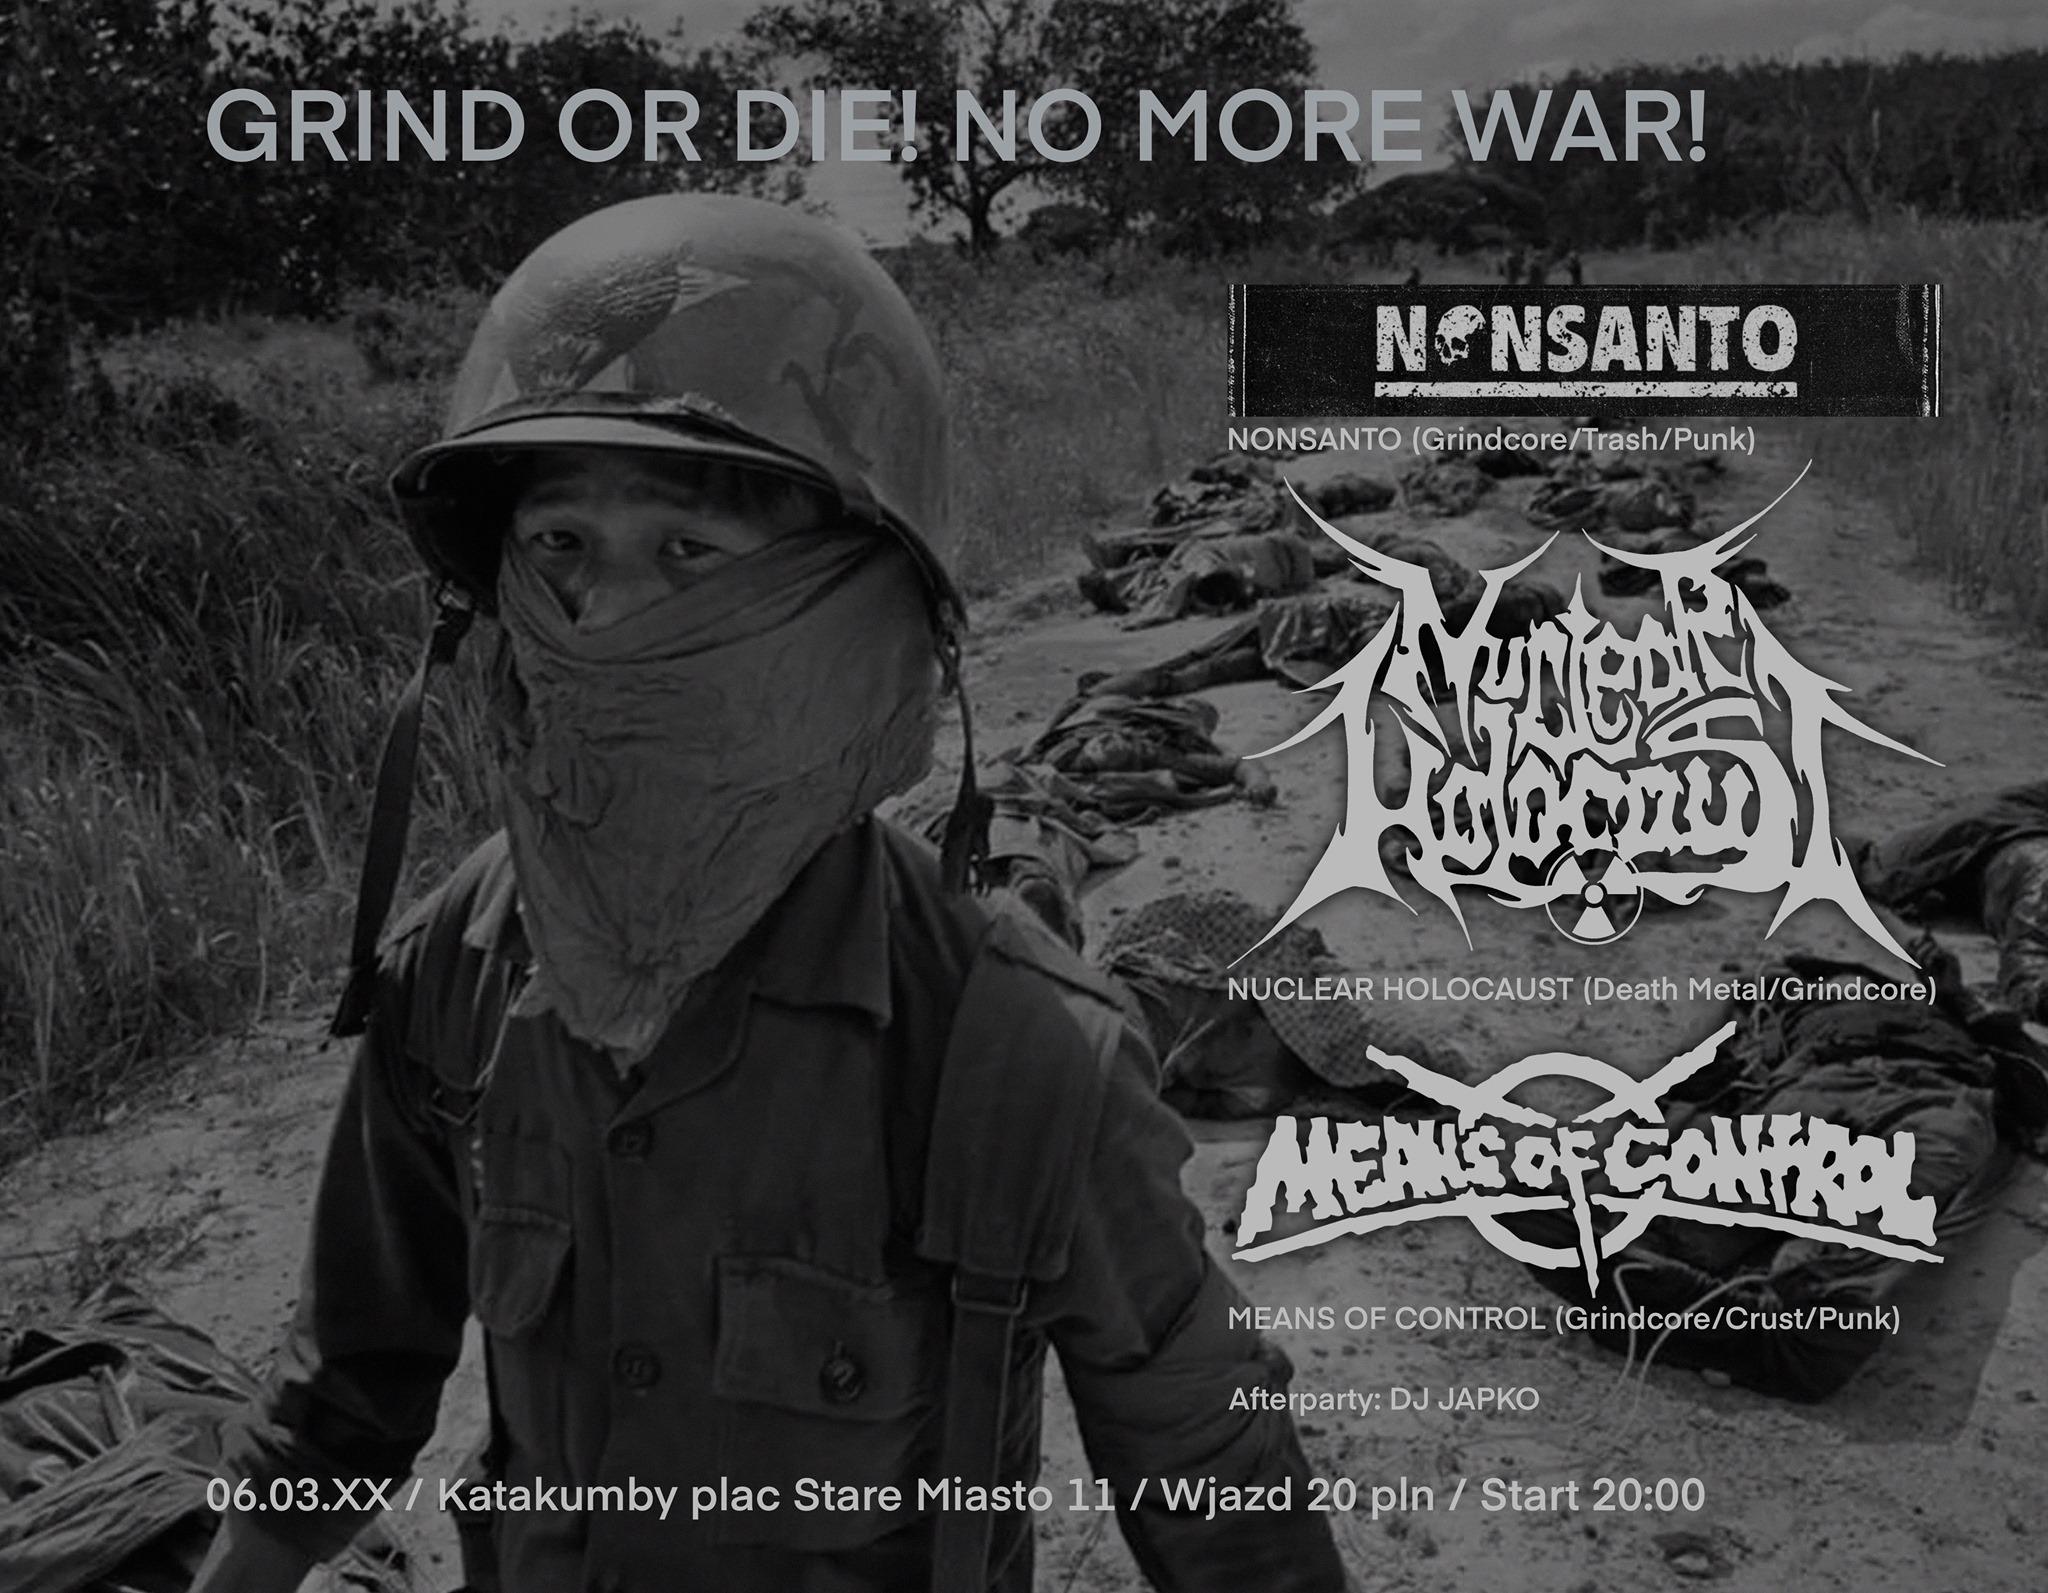 Grind or Die! No More War!